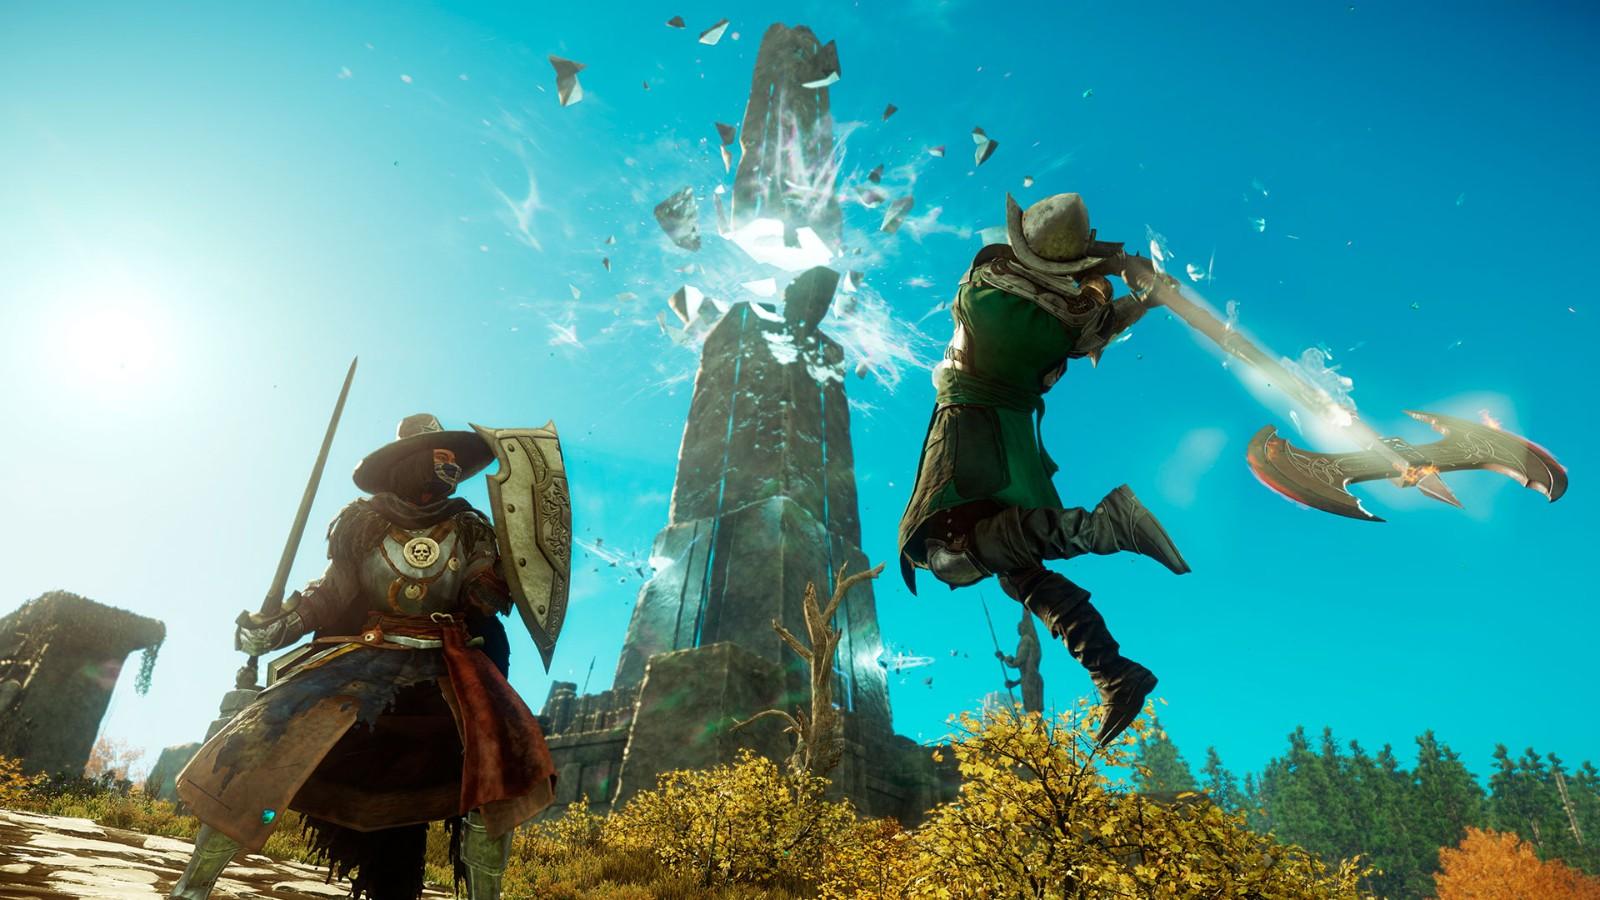 MMORPG《新世界》是否应该有坐骑?国外网友吵翻了插图1